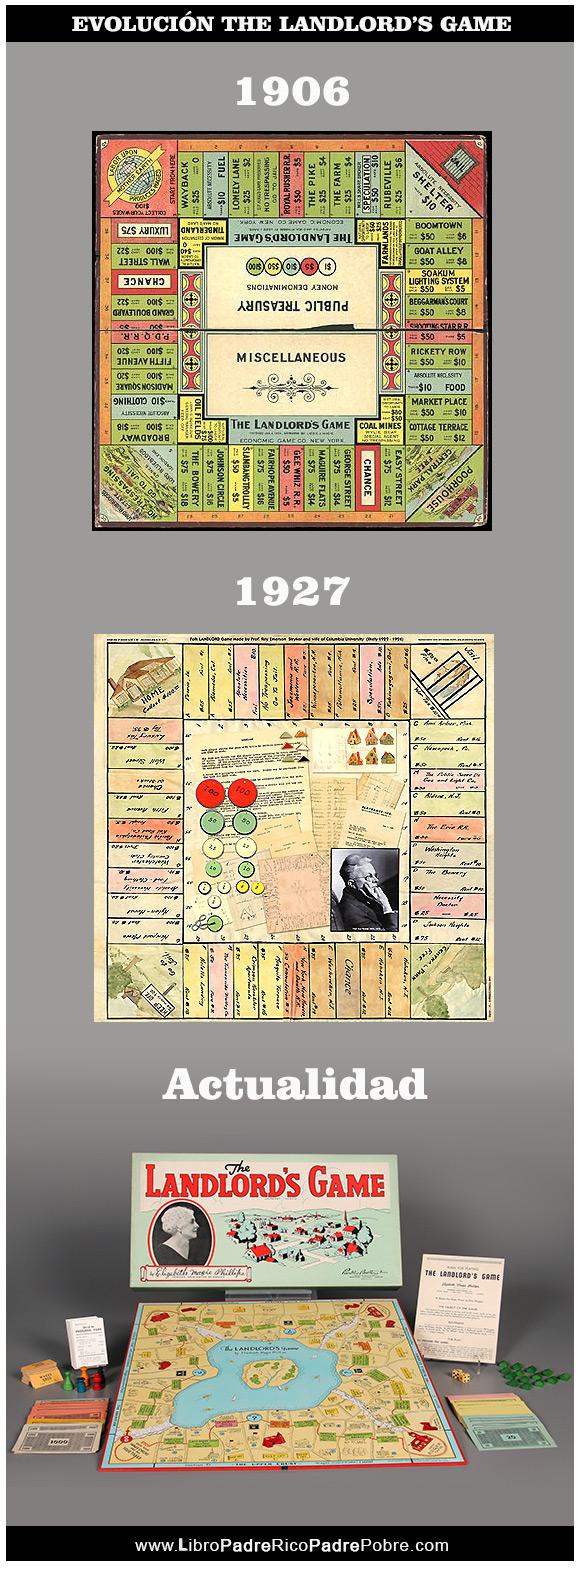 Evolución del juego de mesa The Landlor's game - De Elizabeth Magie Phillips